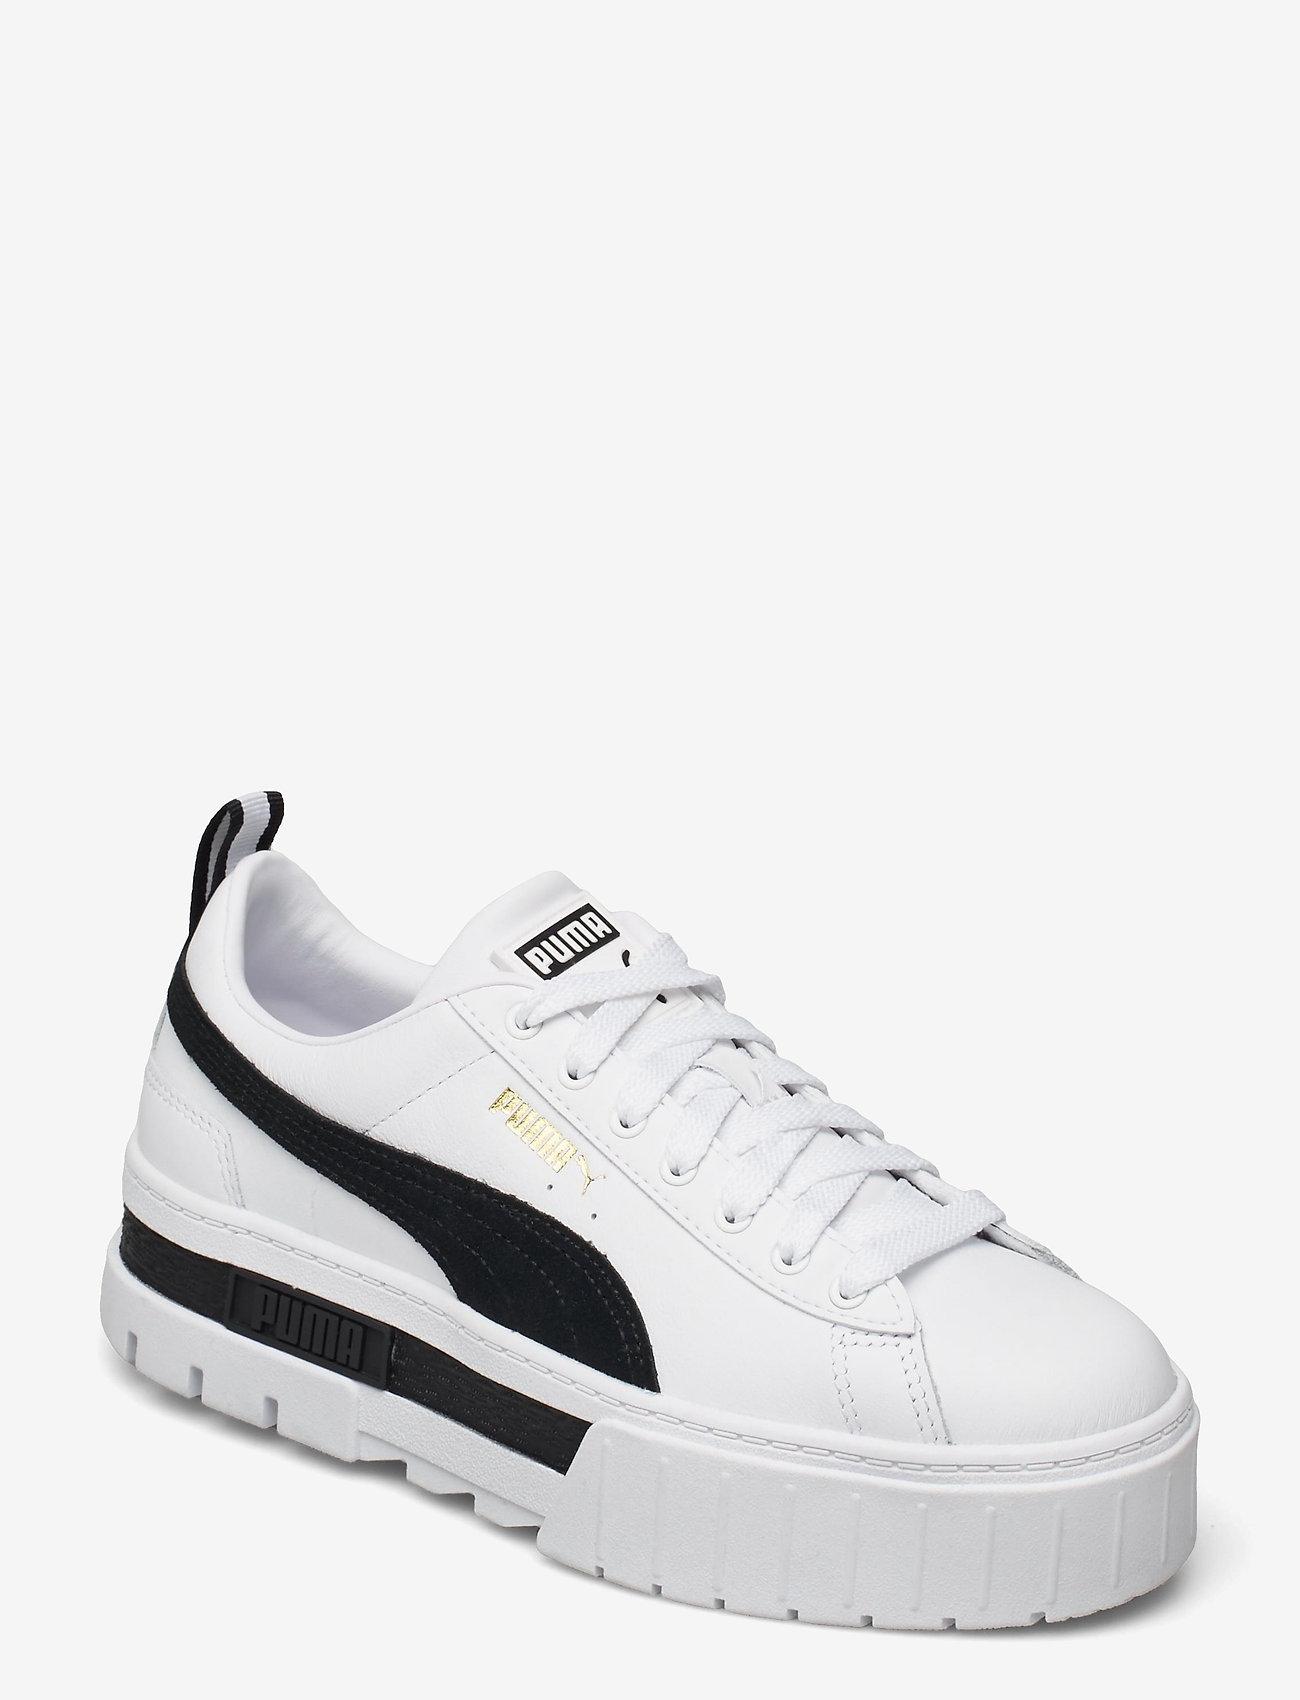 PUMA - Mayze Lth Wn's - baskets épaisses - puma white-puma black - 1